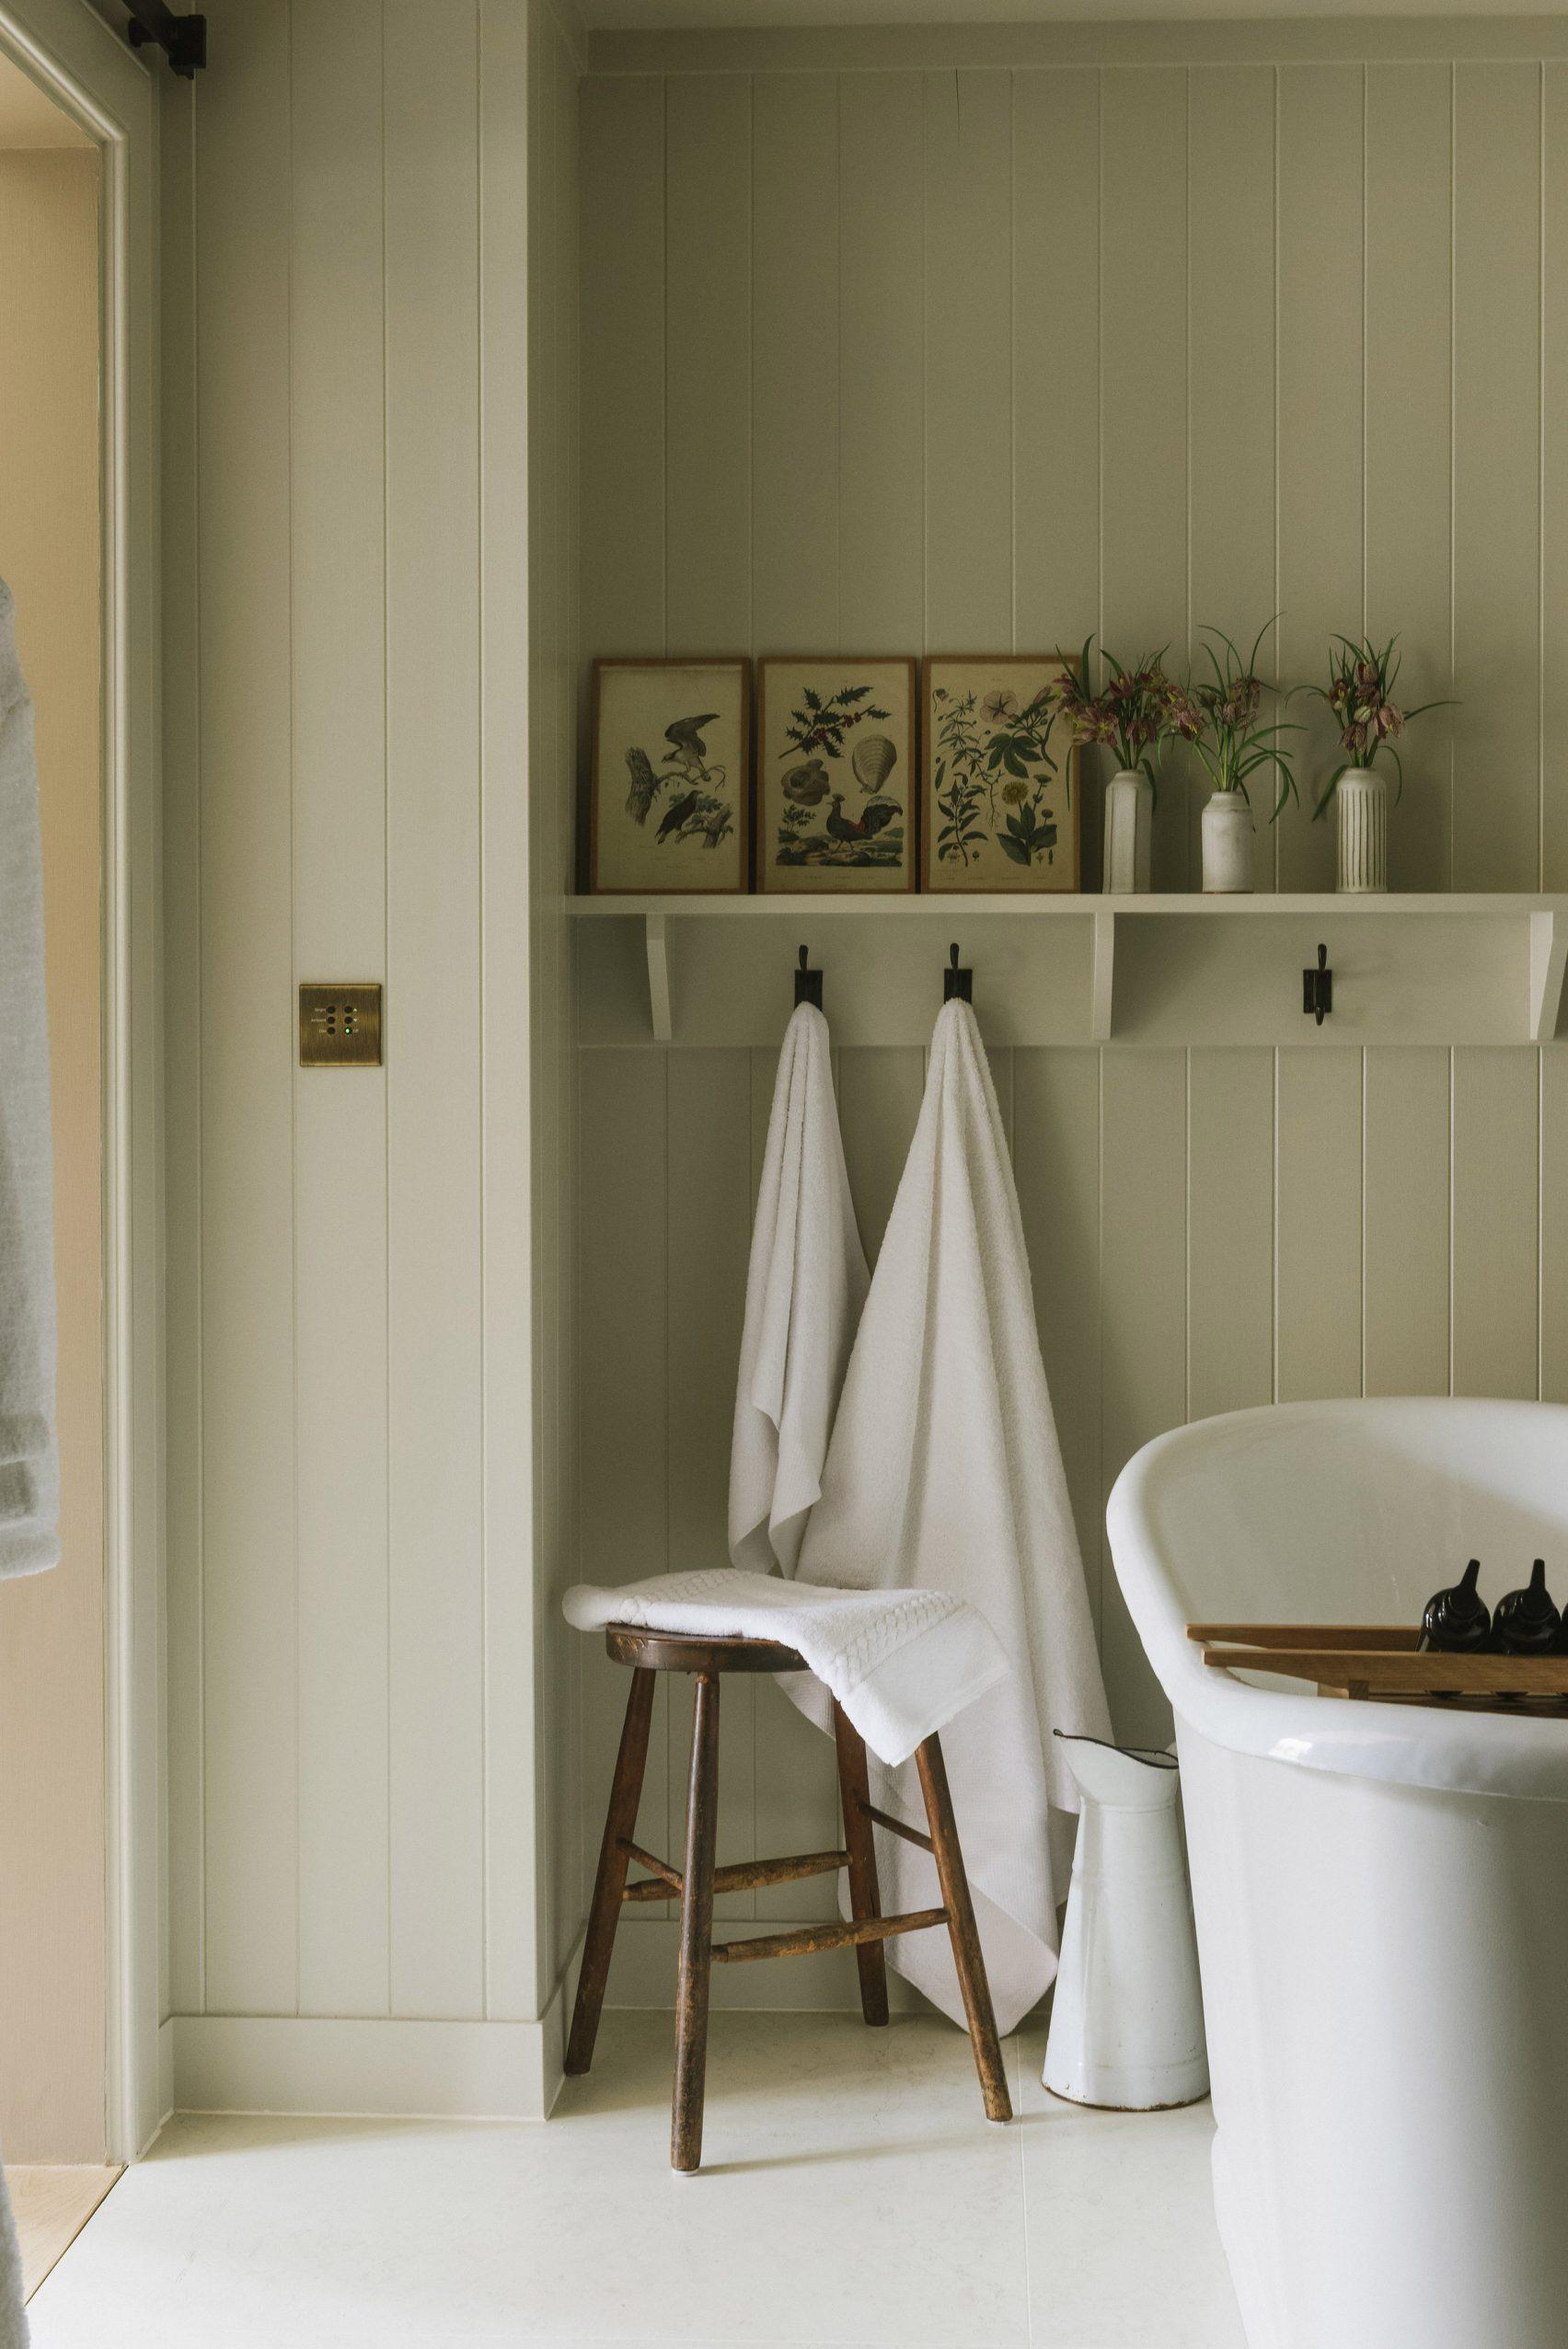 Baño con bañera vista / Peter Cook